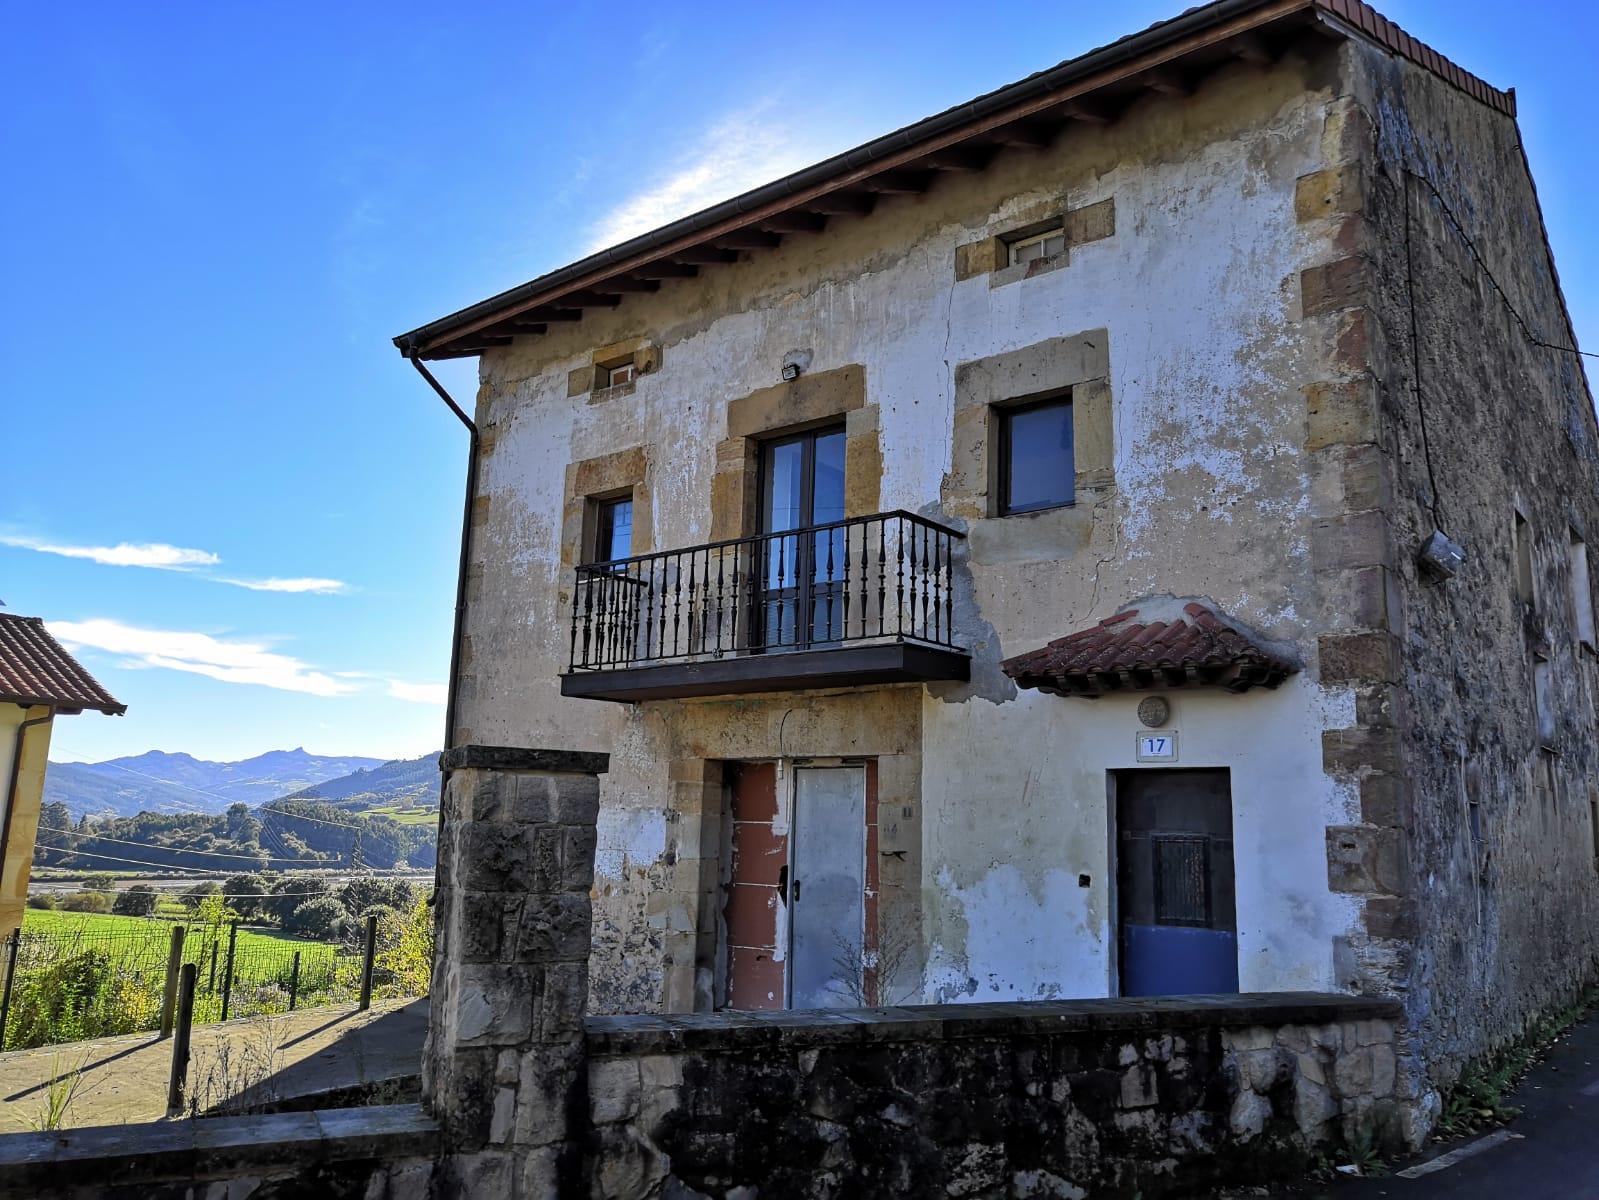 Casa en venta en Barcena de Cicero, Bárcena de Cicero, Cantabria, Calle Primosto, 118.000 €, 4 habitaciones, 2 baños, 355 m2